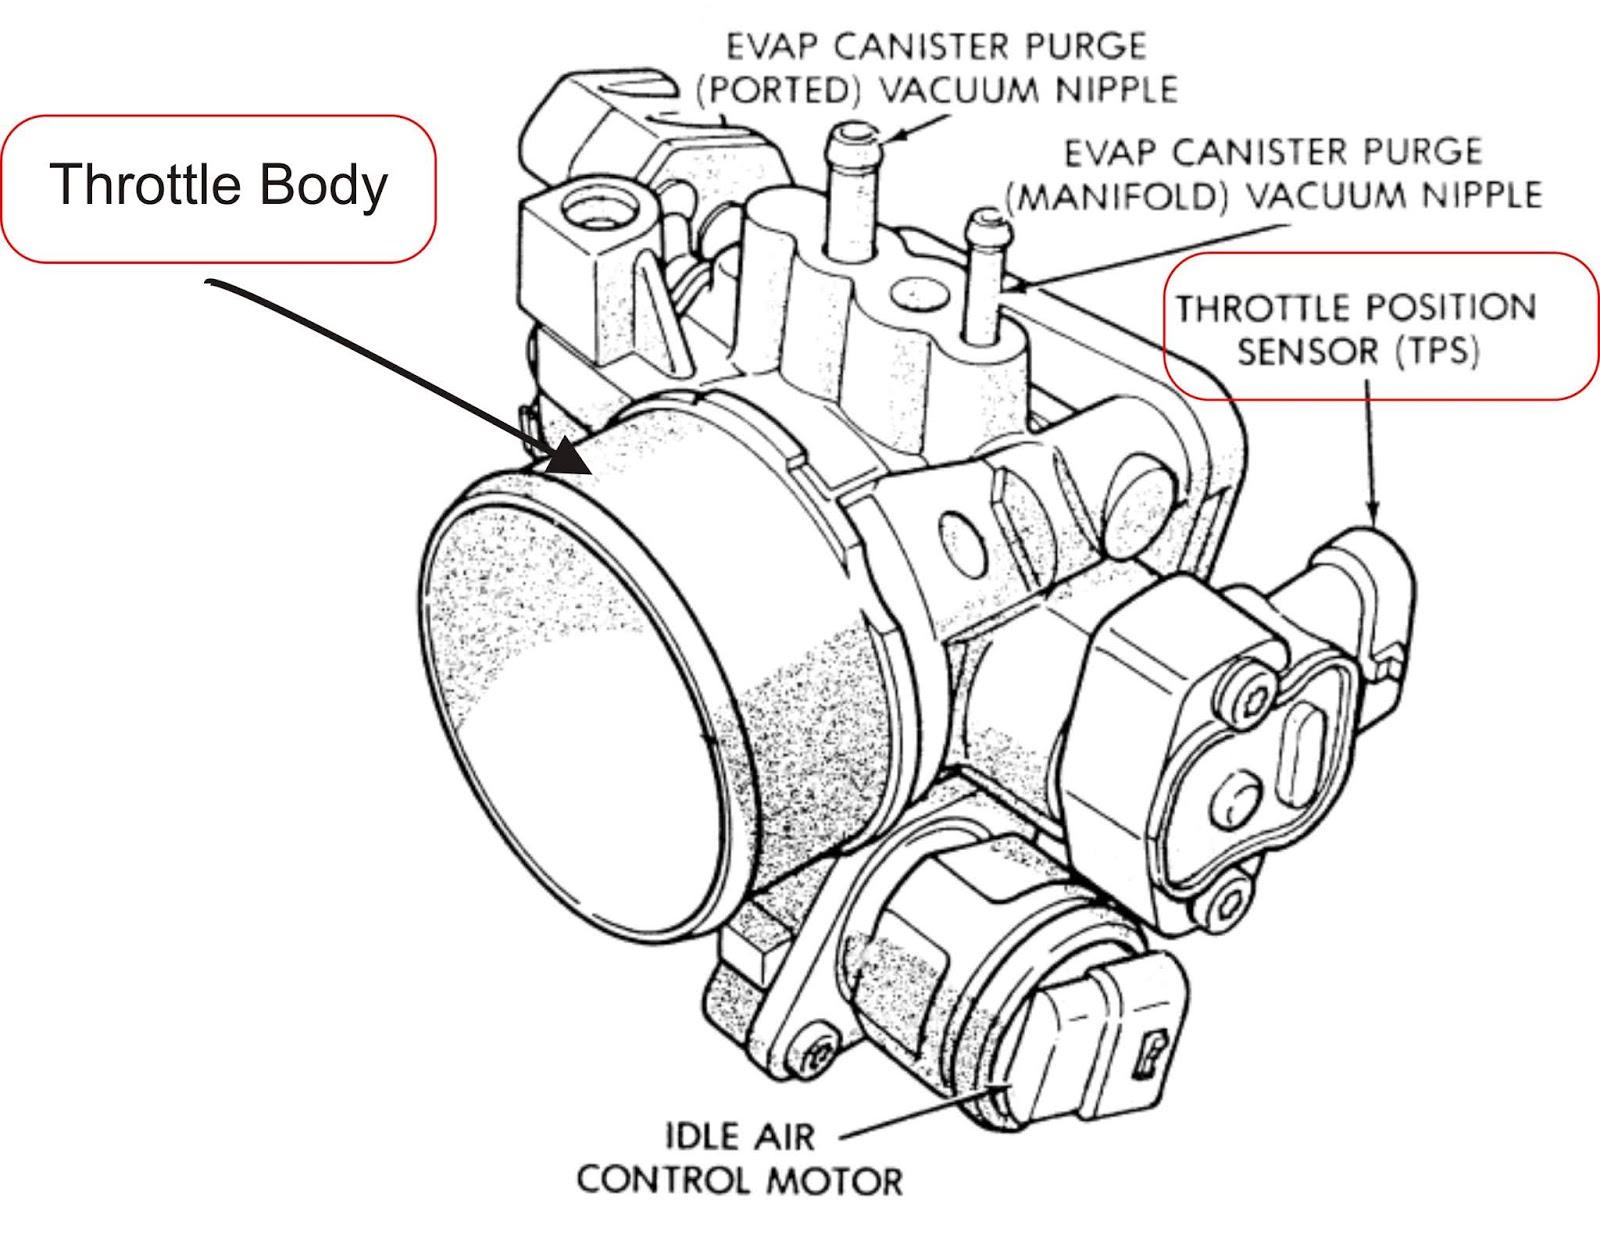 fungsi throtle position sensor tps